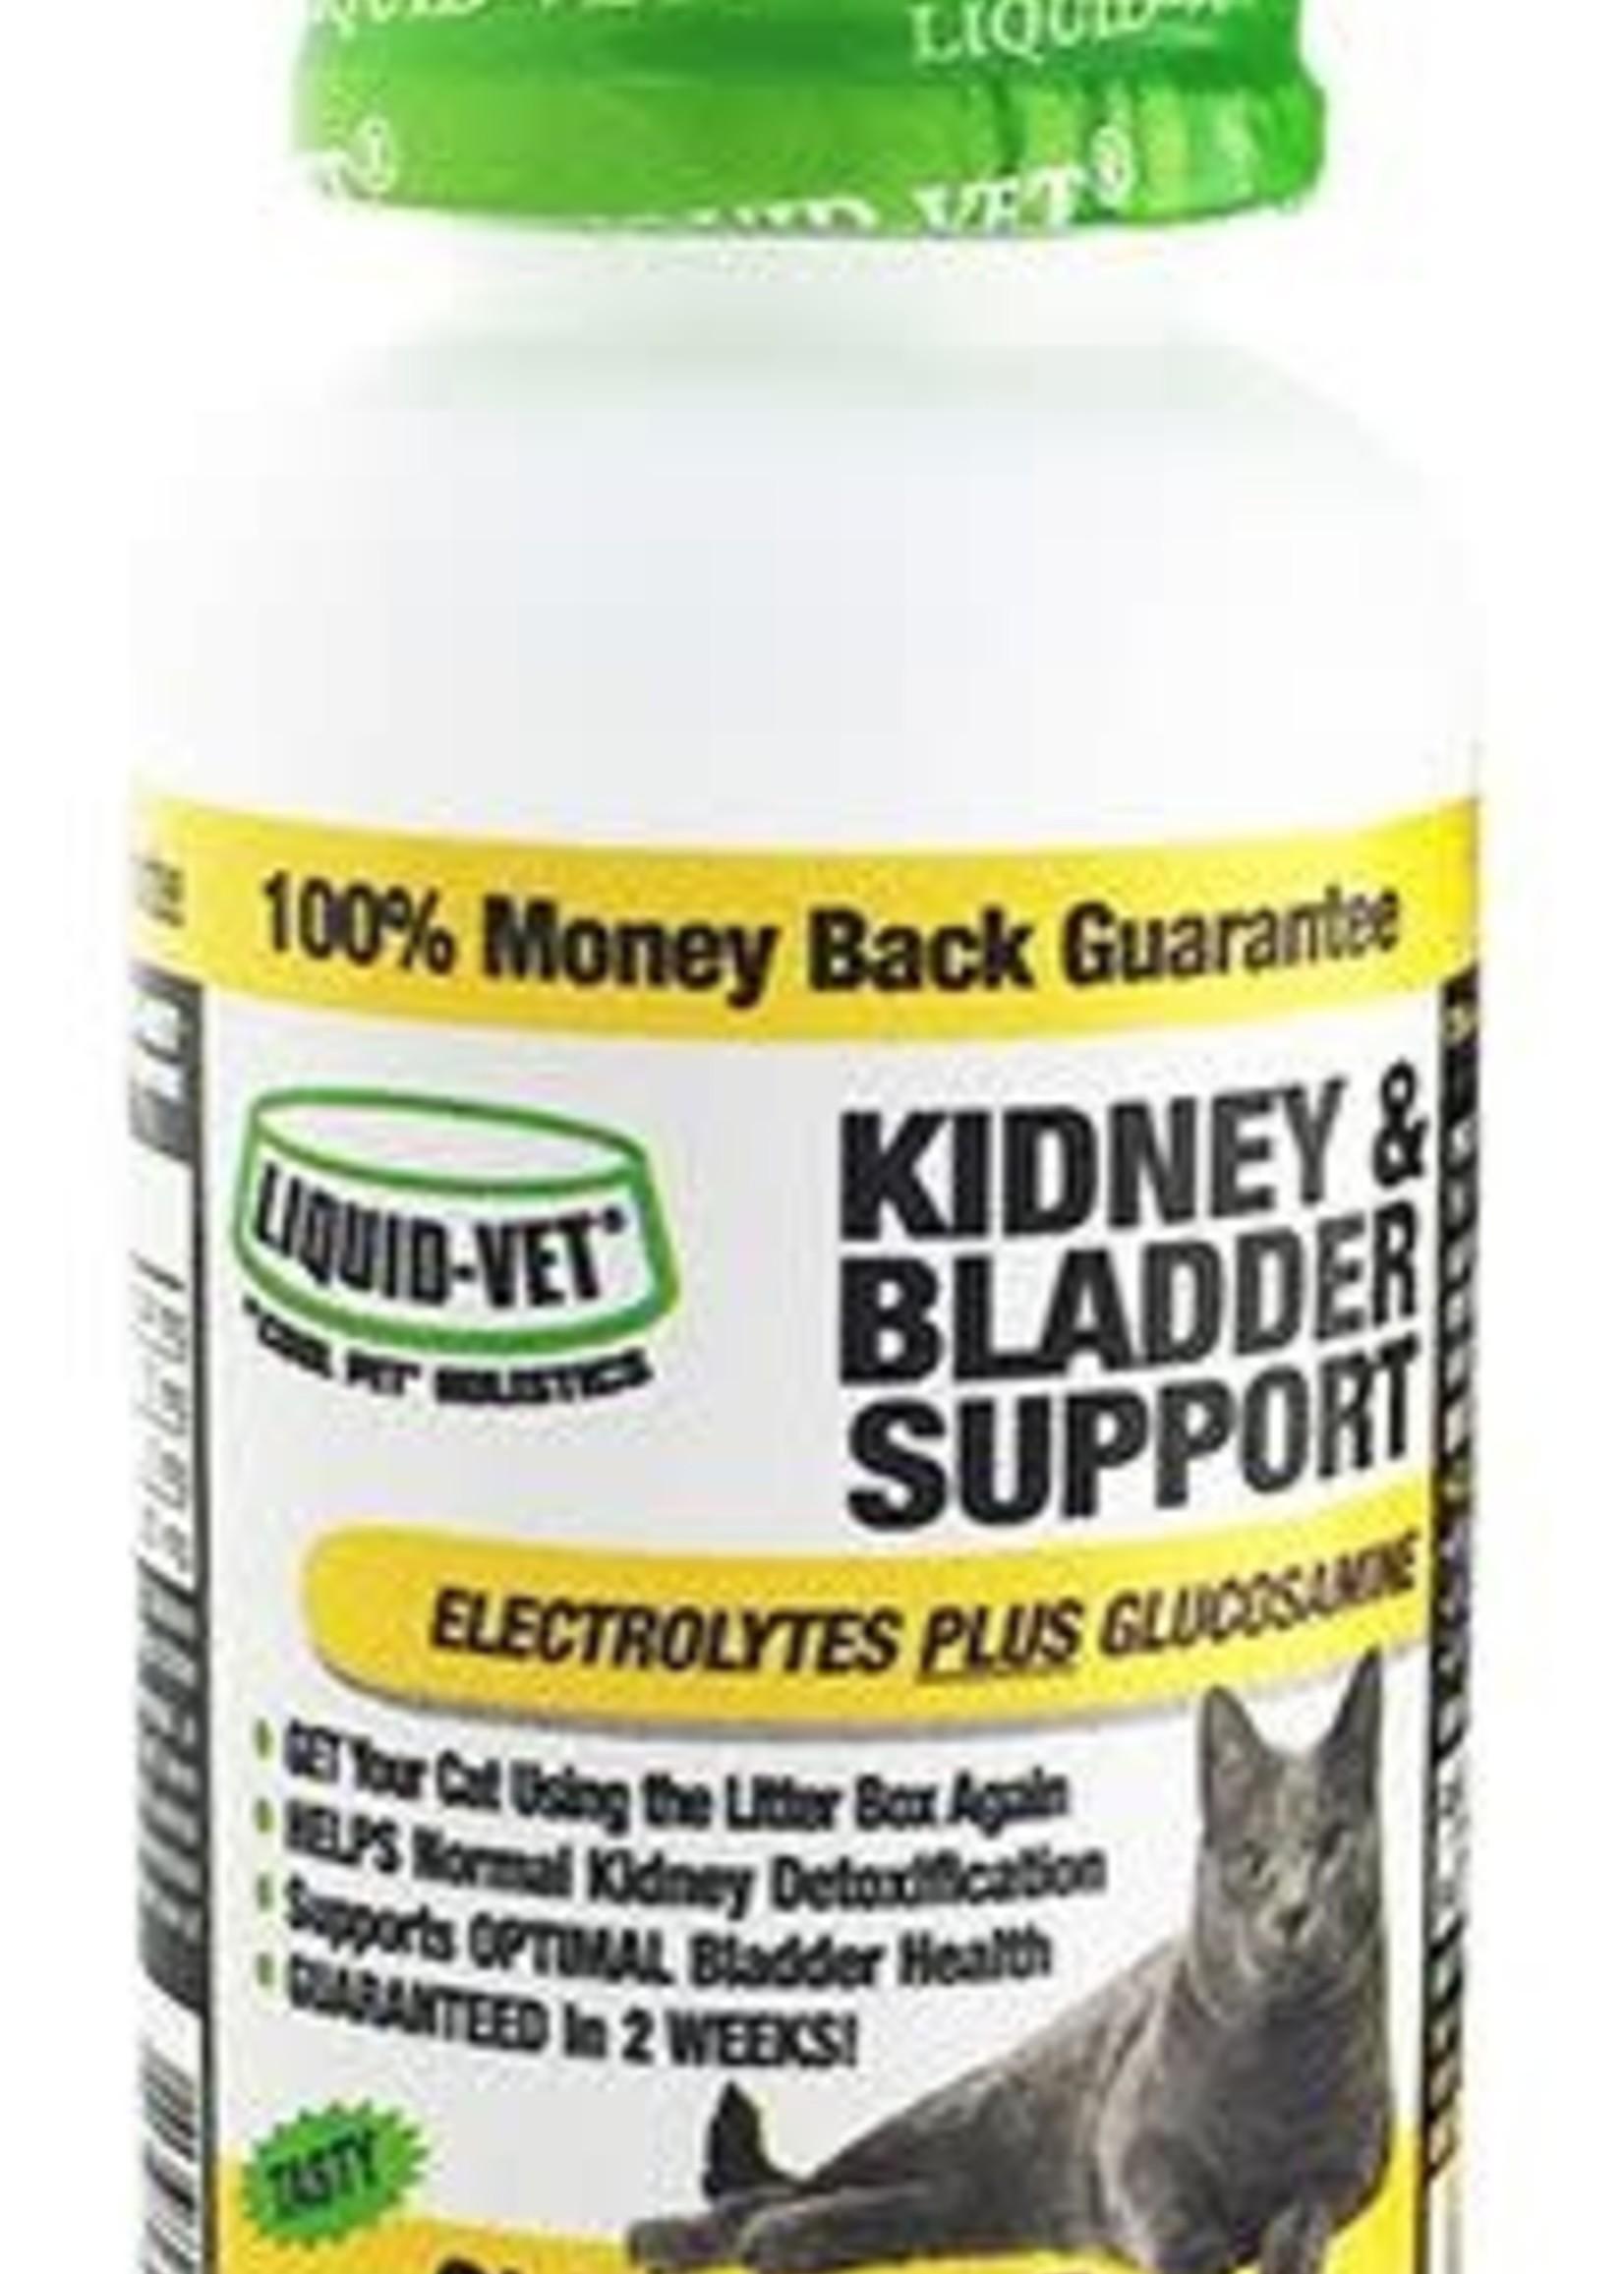 Liquid-Vet® Liquid-Vet® Kidney & Bladder Support Chicken 8oz